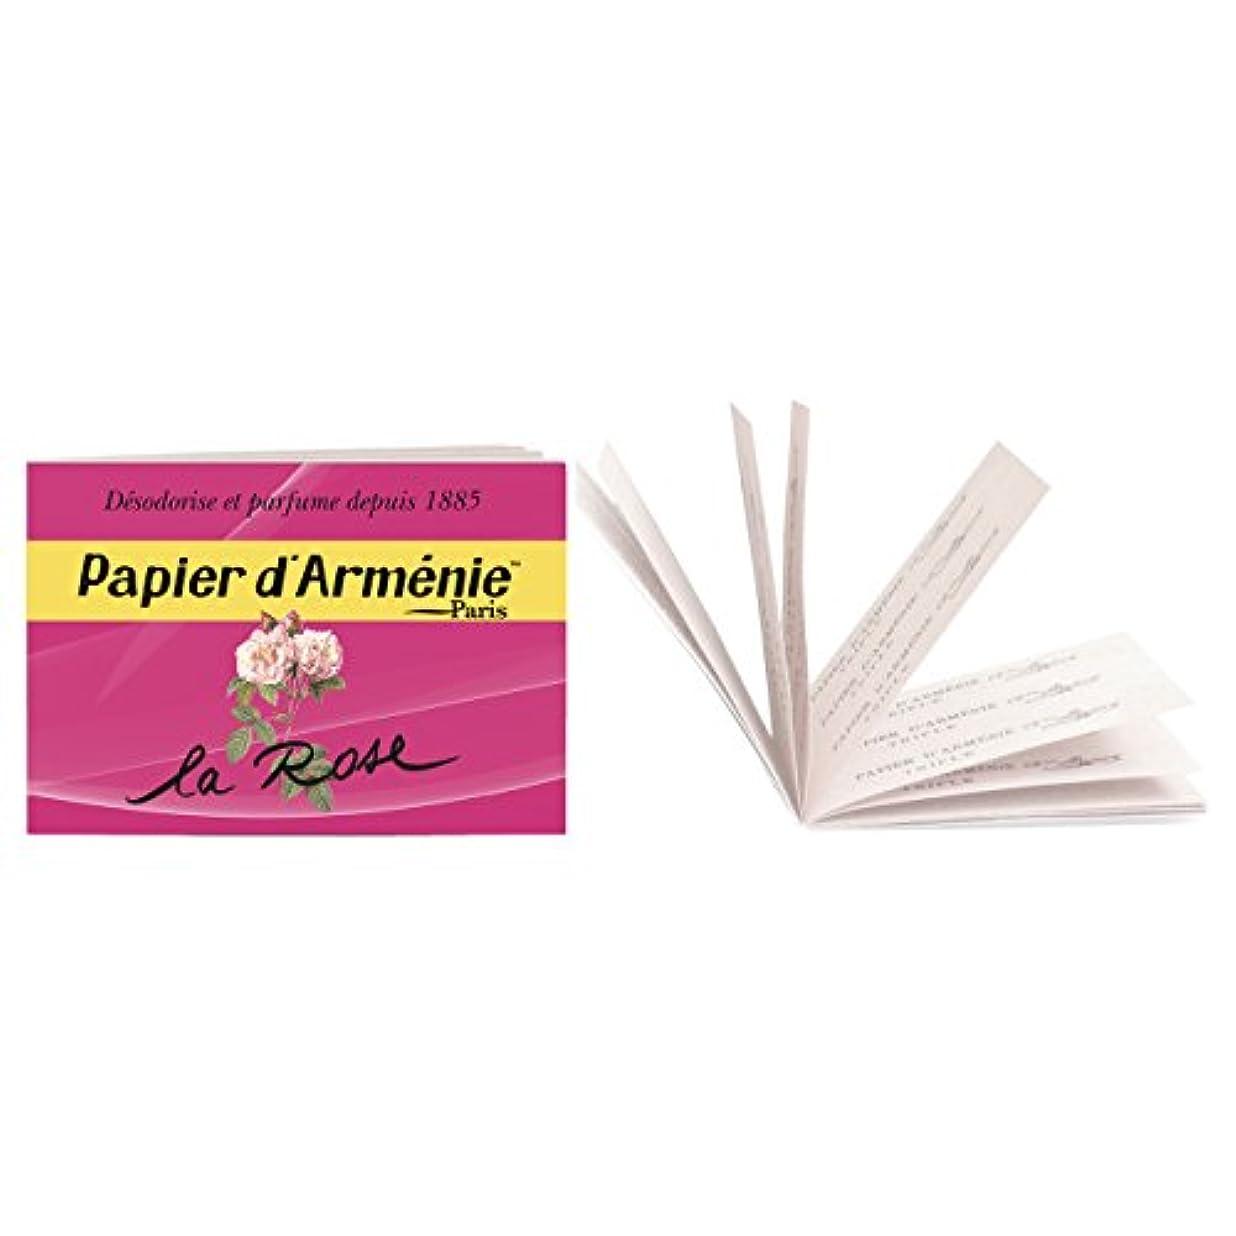 具体的にむさぼり食う置くためにパックパピエダルメニイ トリプル ローズ (紙のお香 3×12枚/36回分)